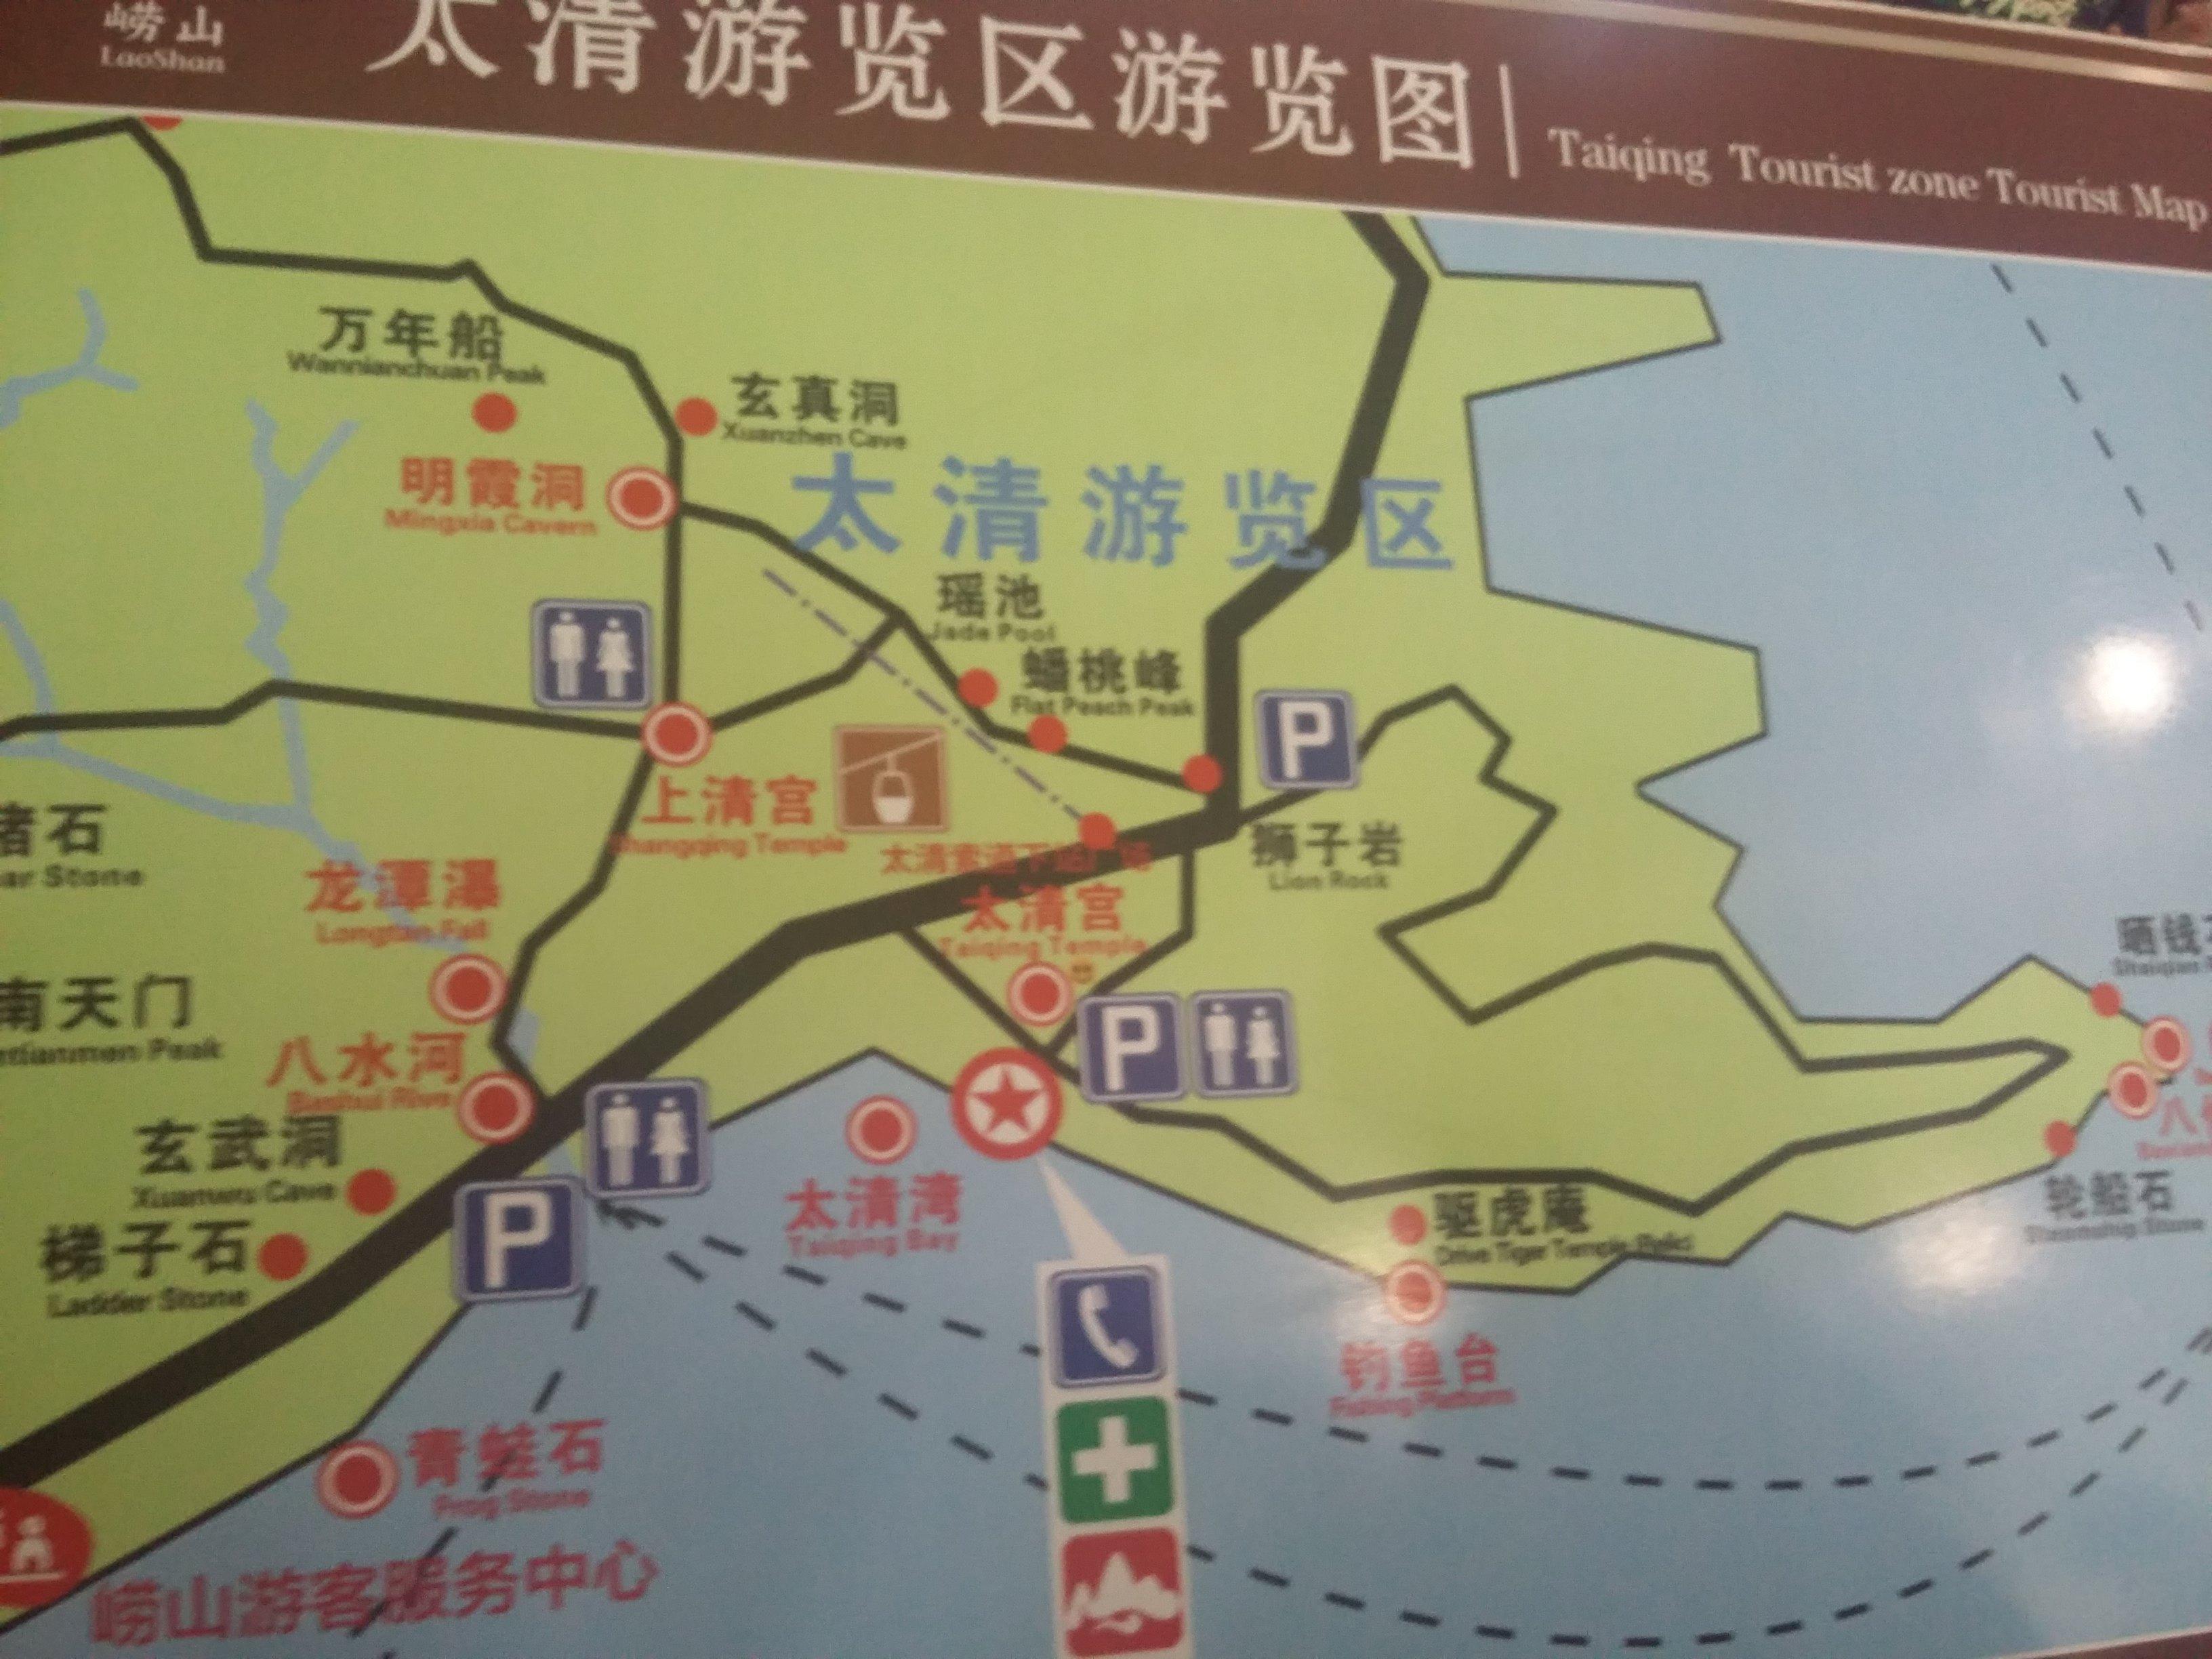 青岛旅游必去景点地图